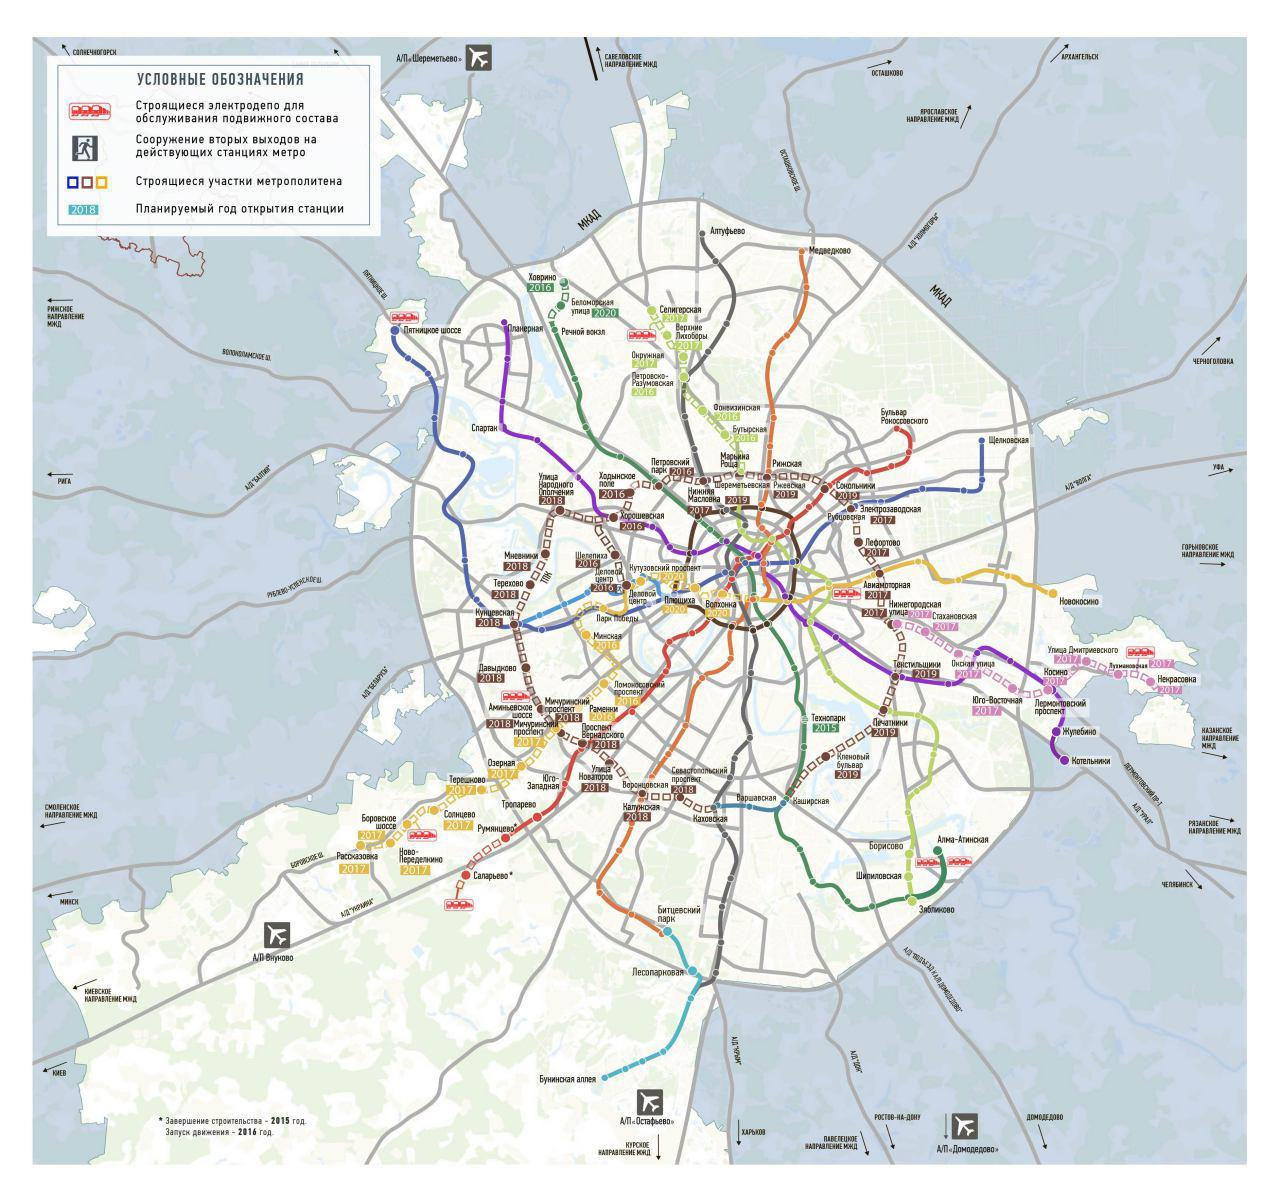 схема развития метро москвы до 2018 года